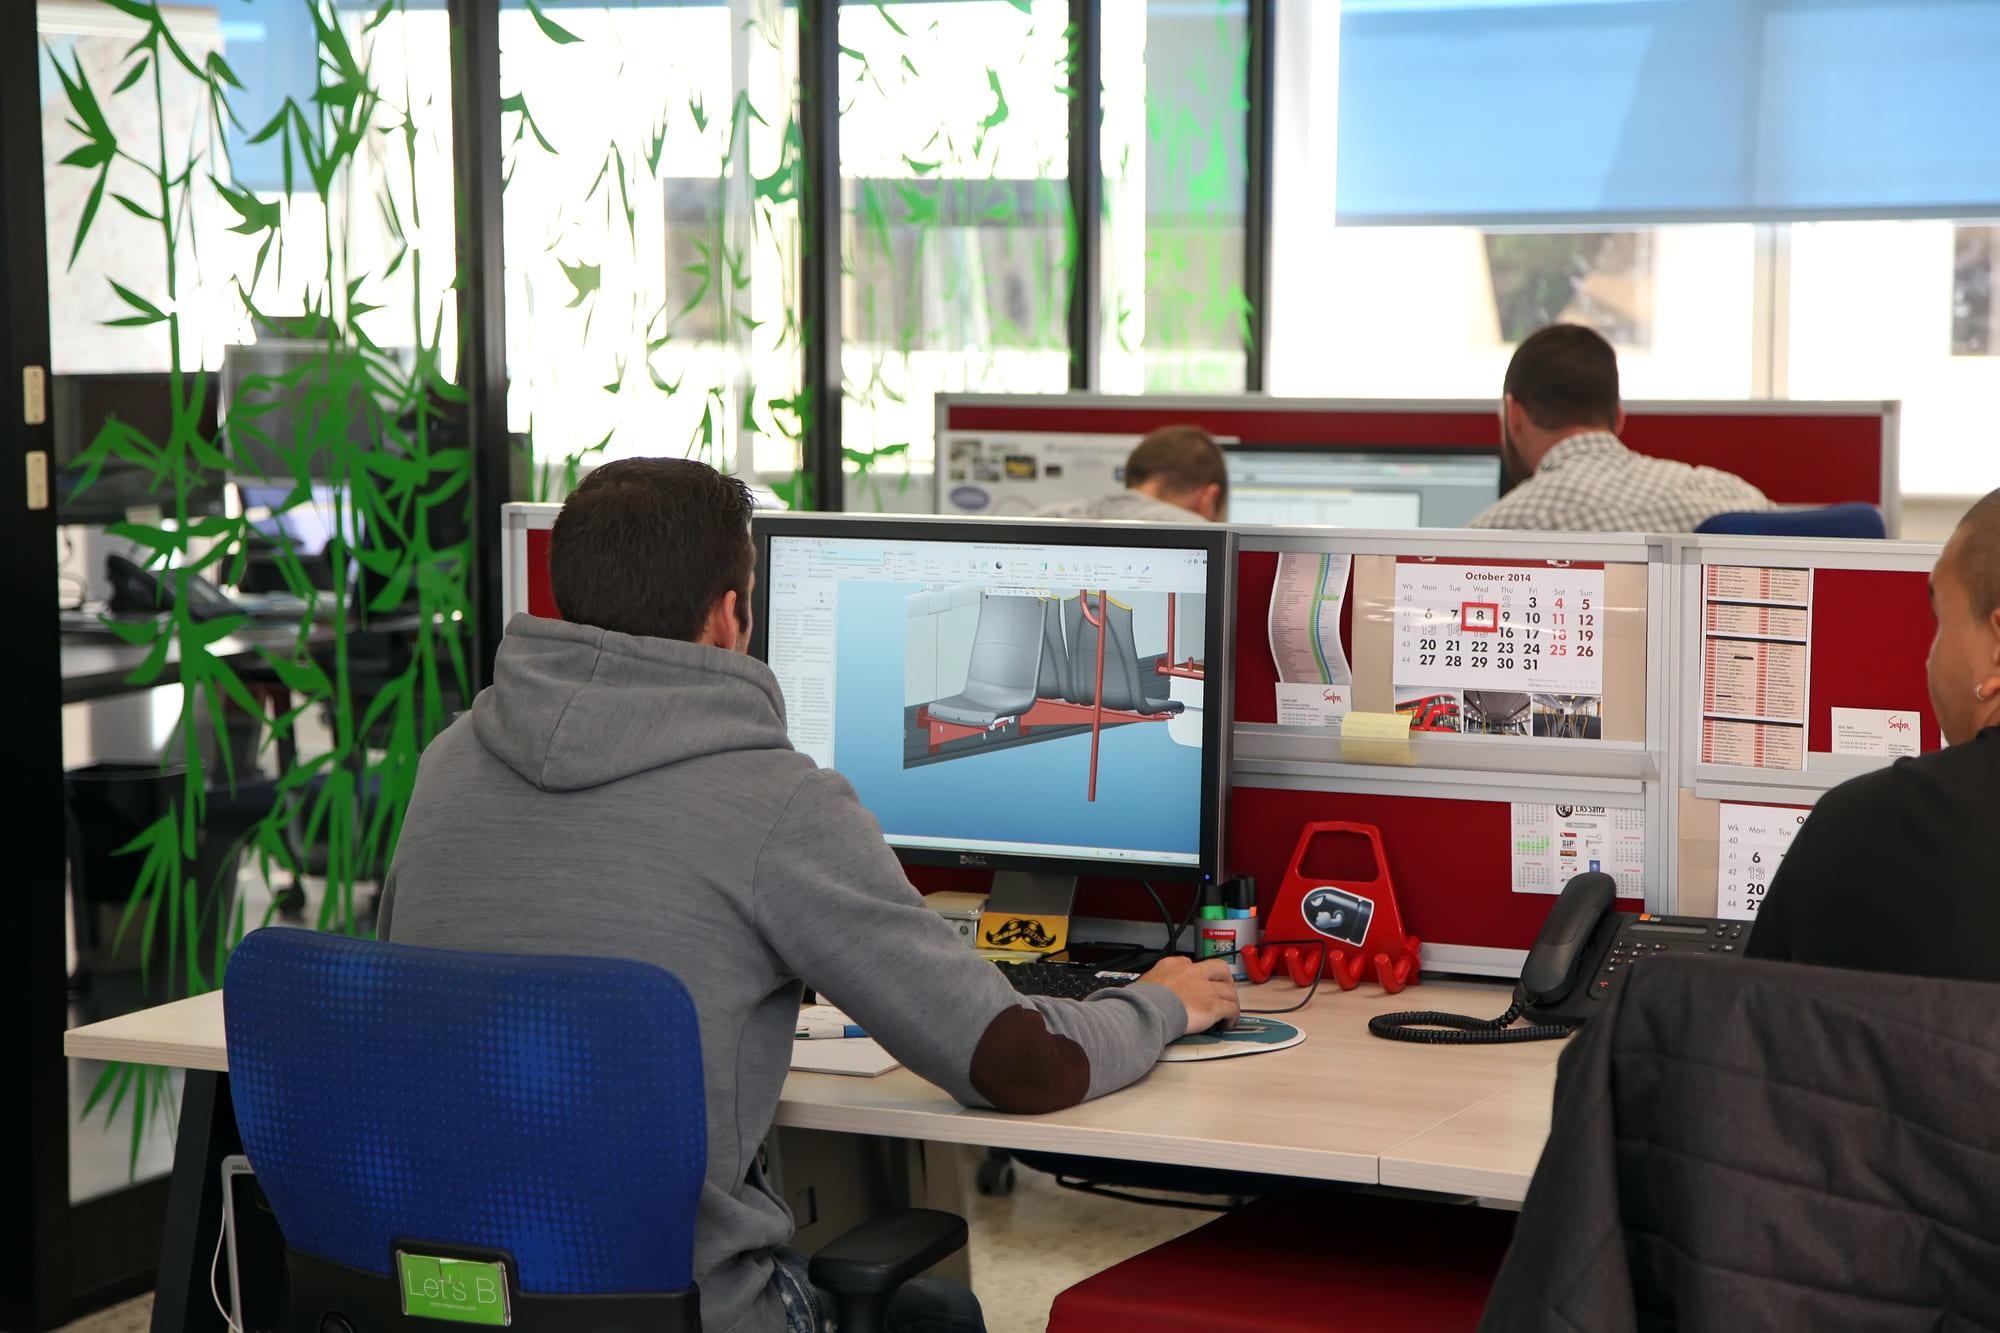 Bureau d'études - SAFRA Rénovation